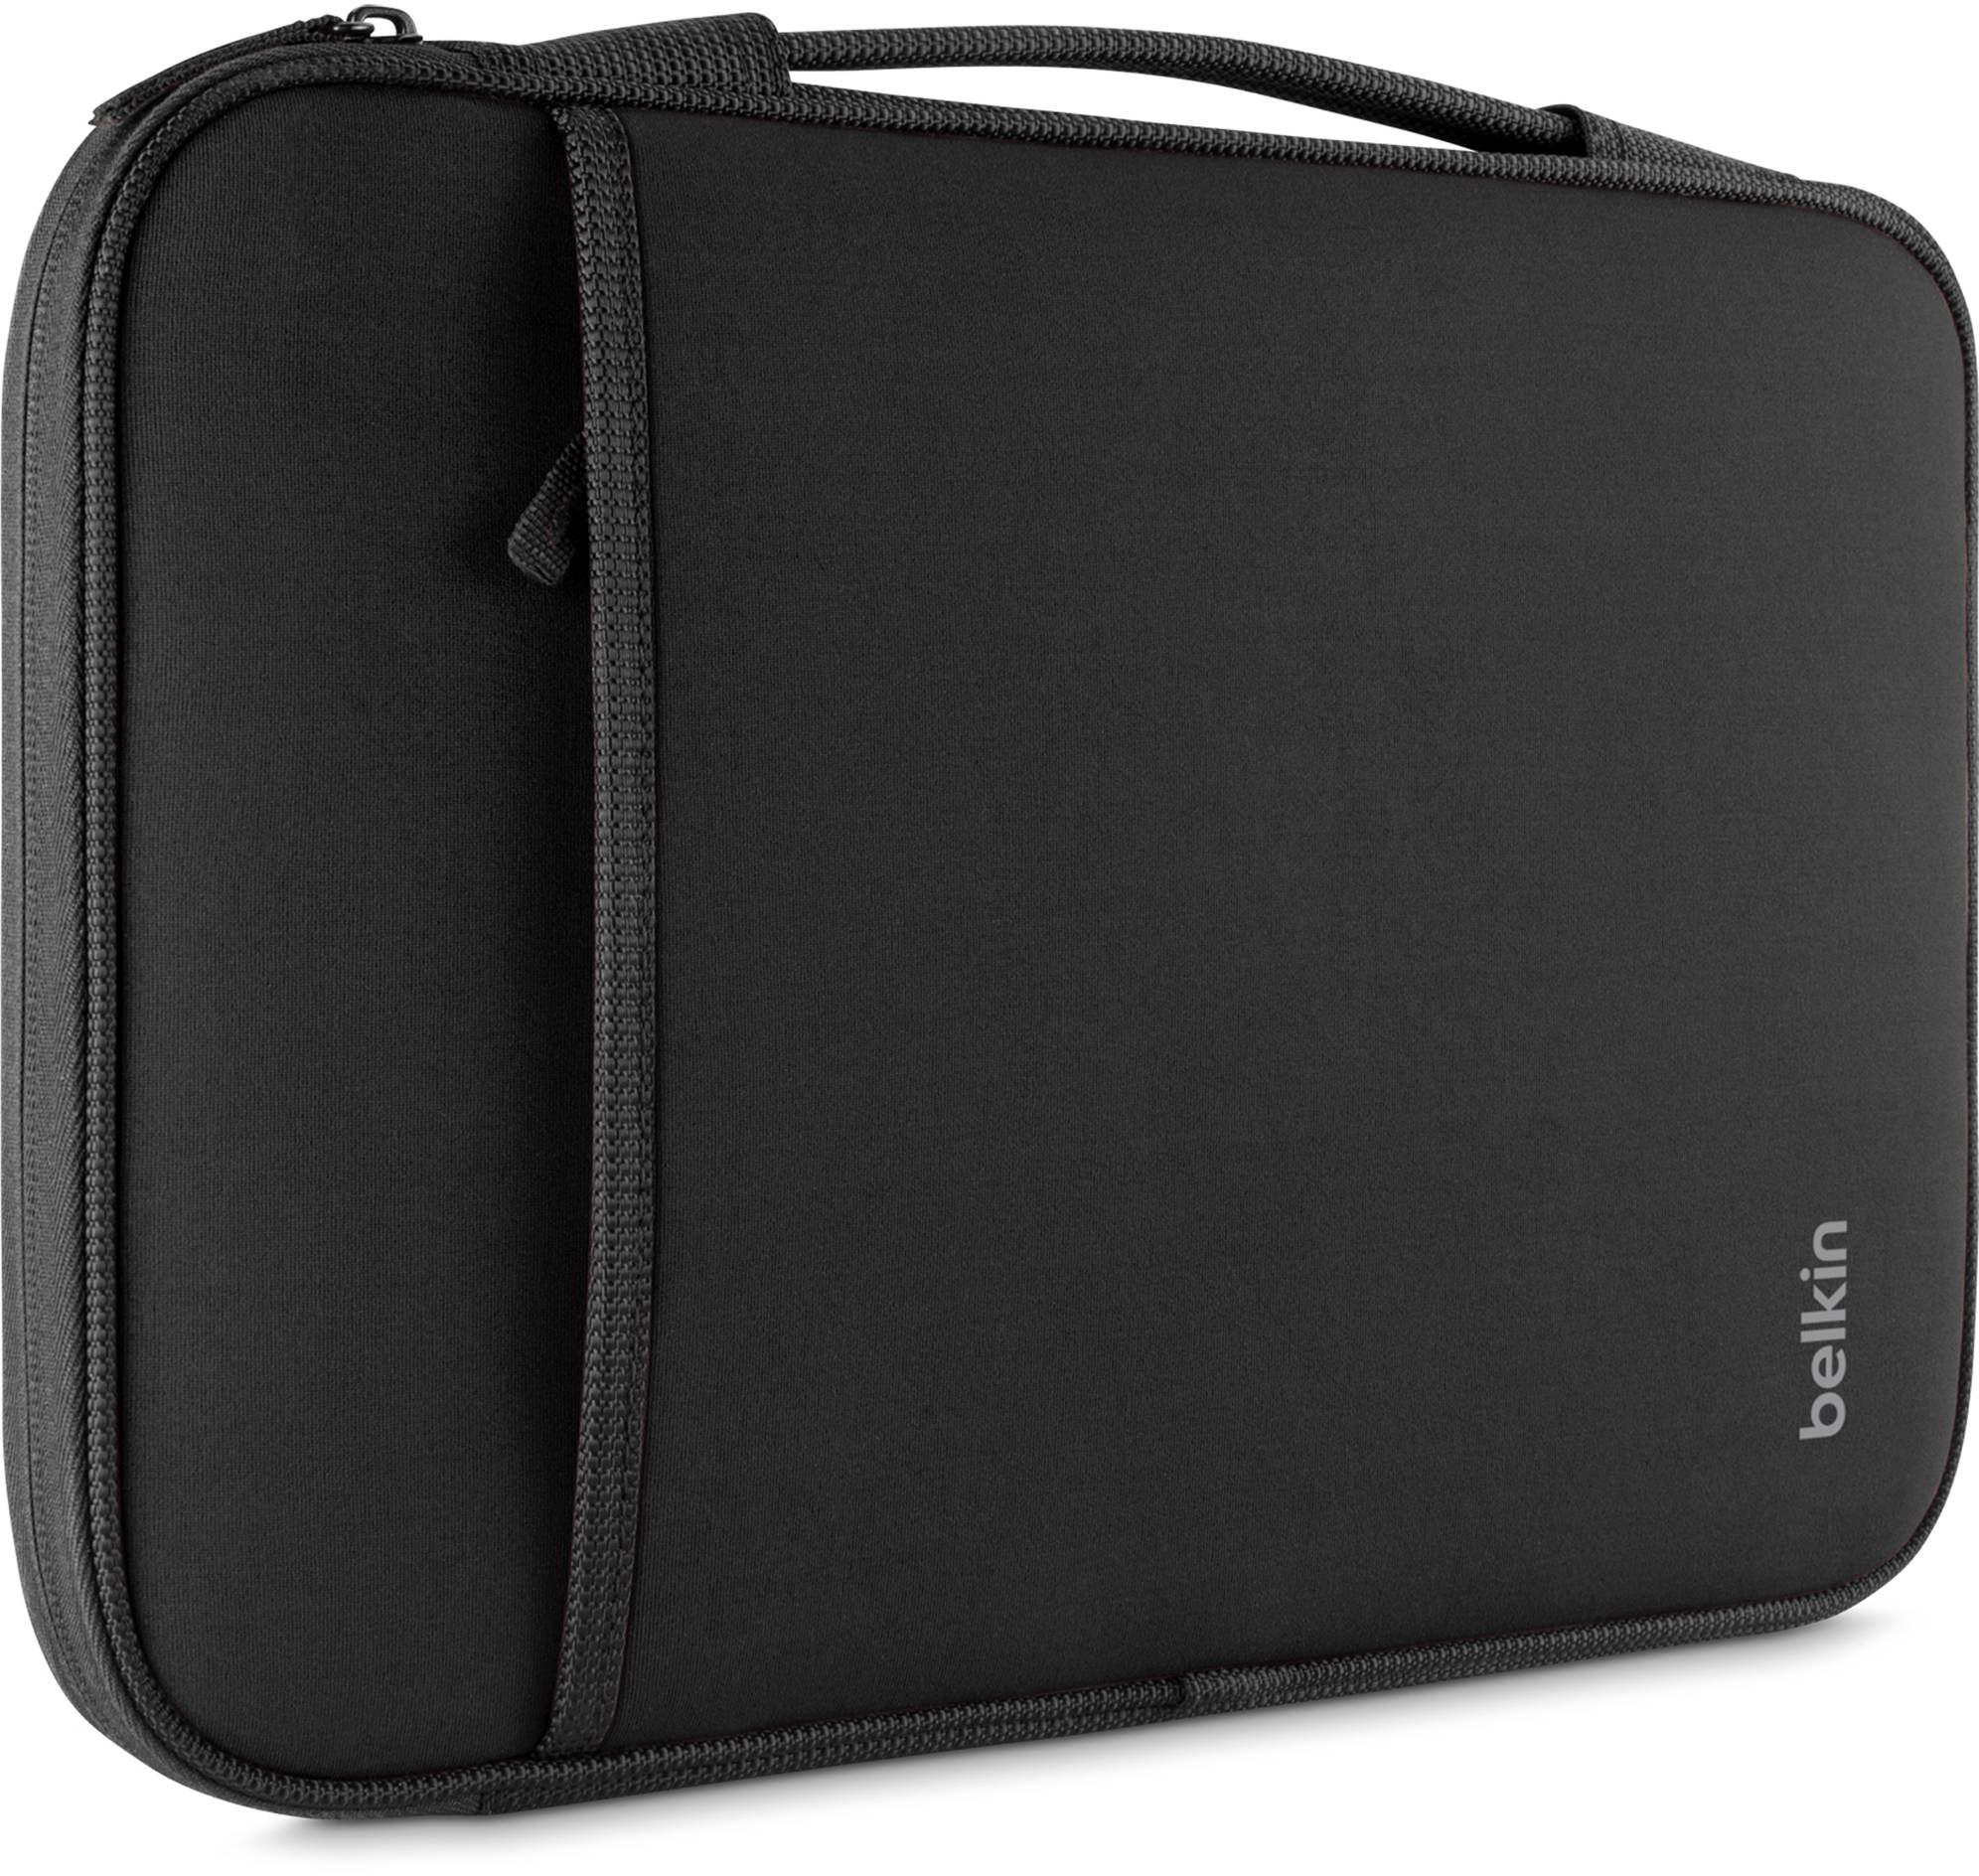 Belkin Cover/Sleeve (B2B064-C00) - сумка для MacBook Air 13 (Black)